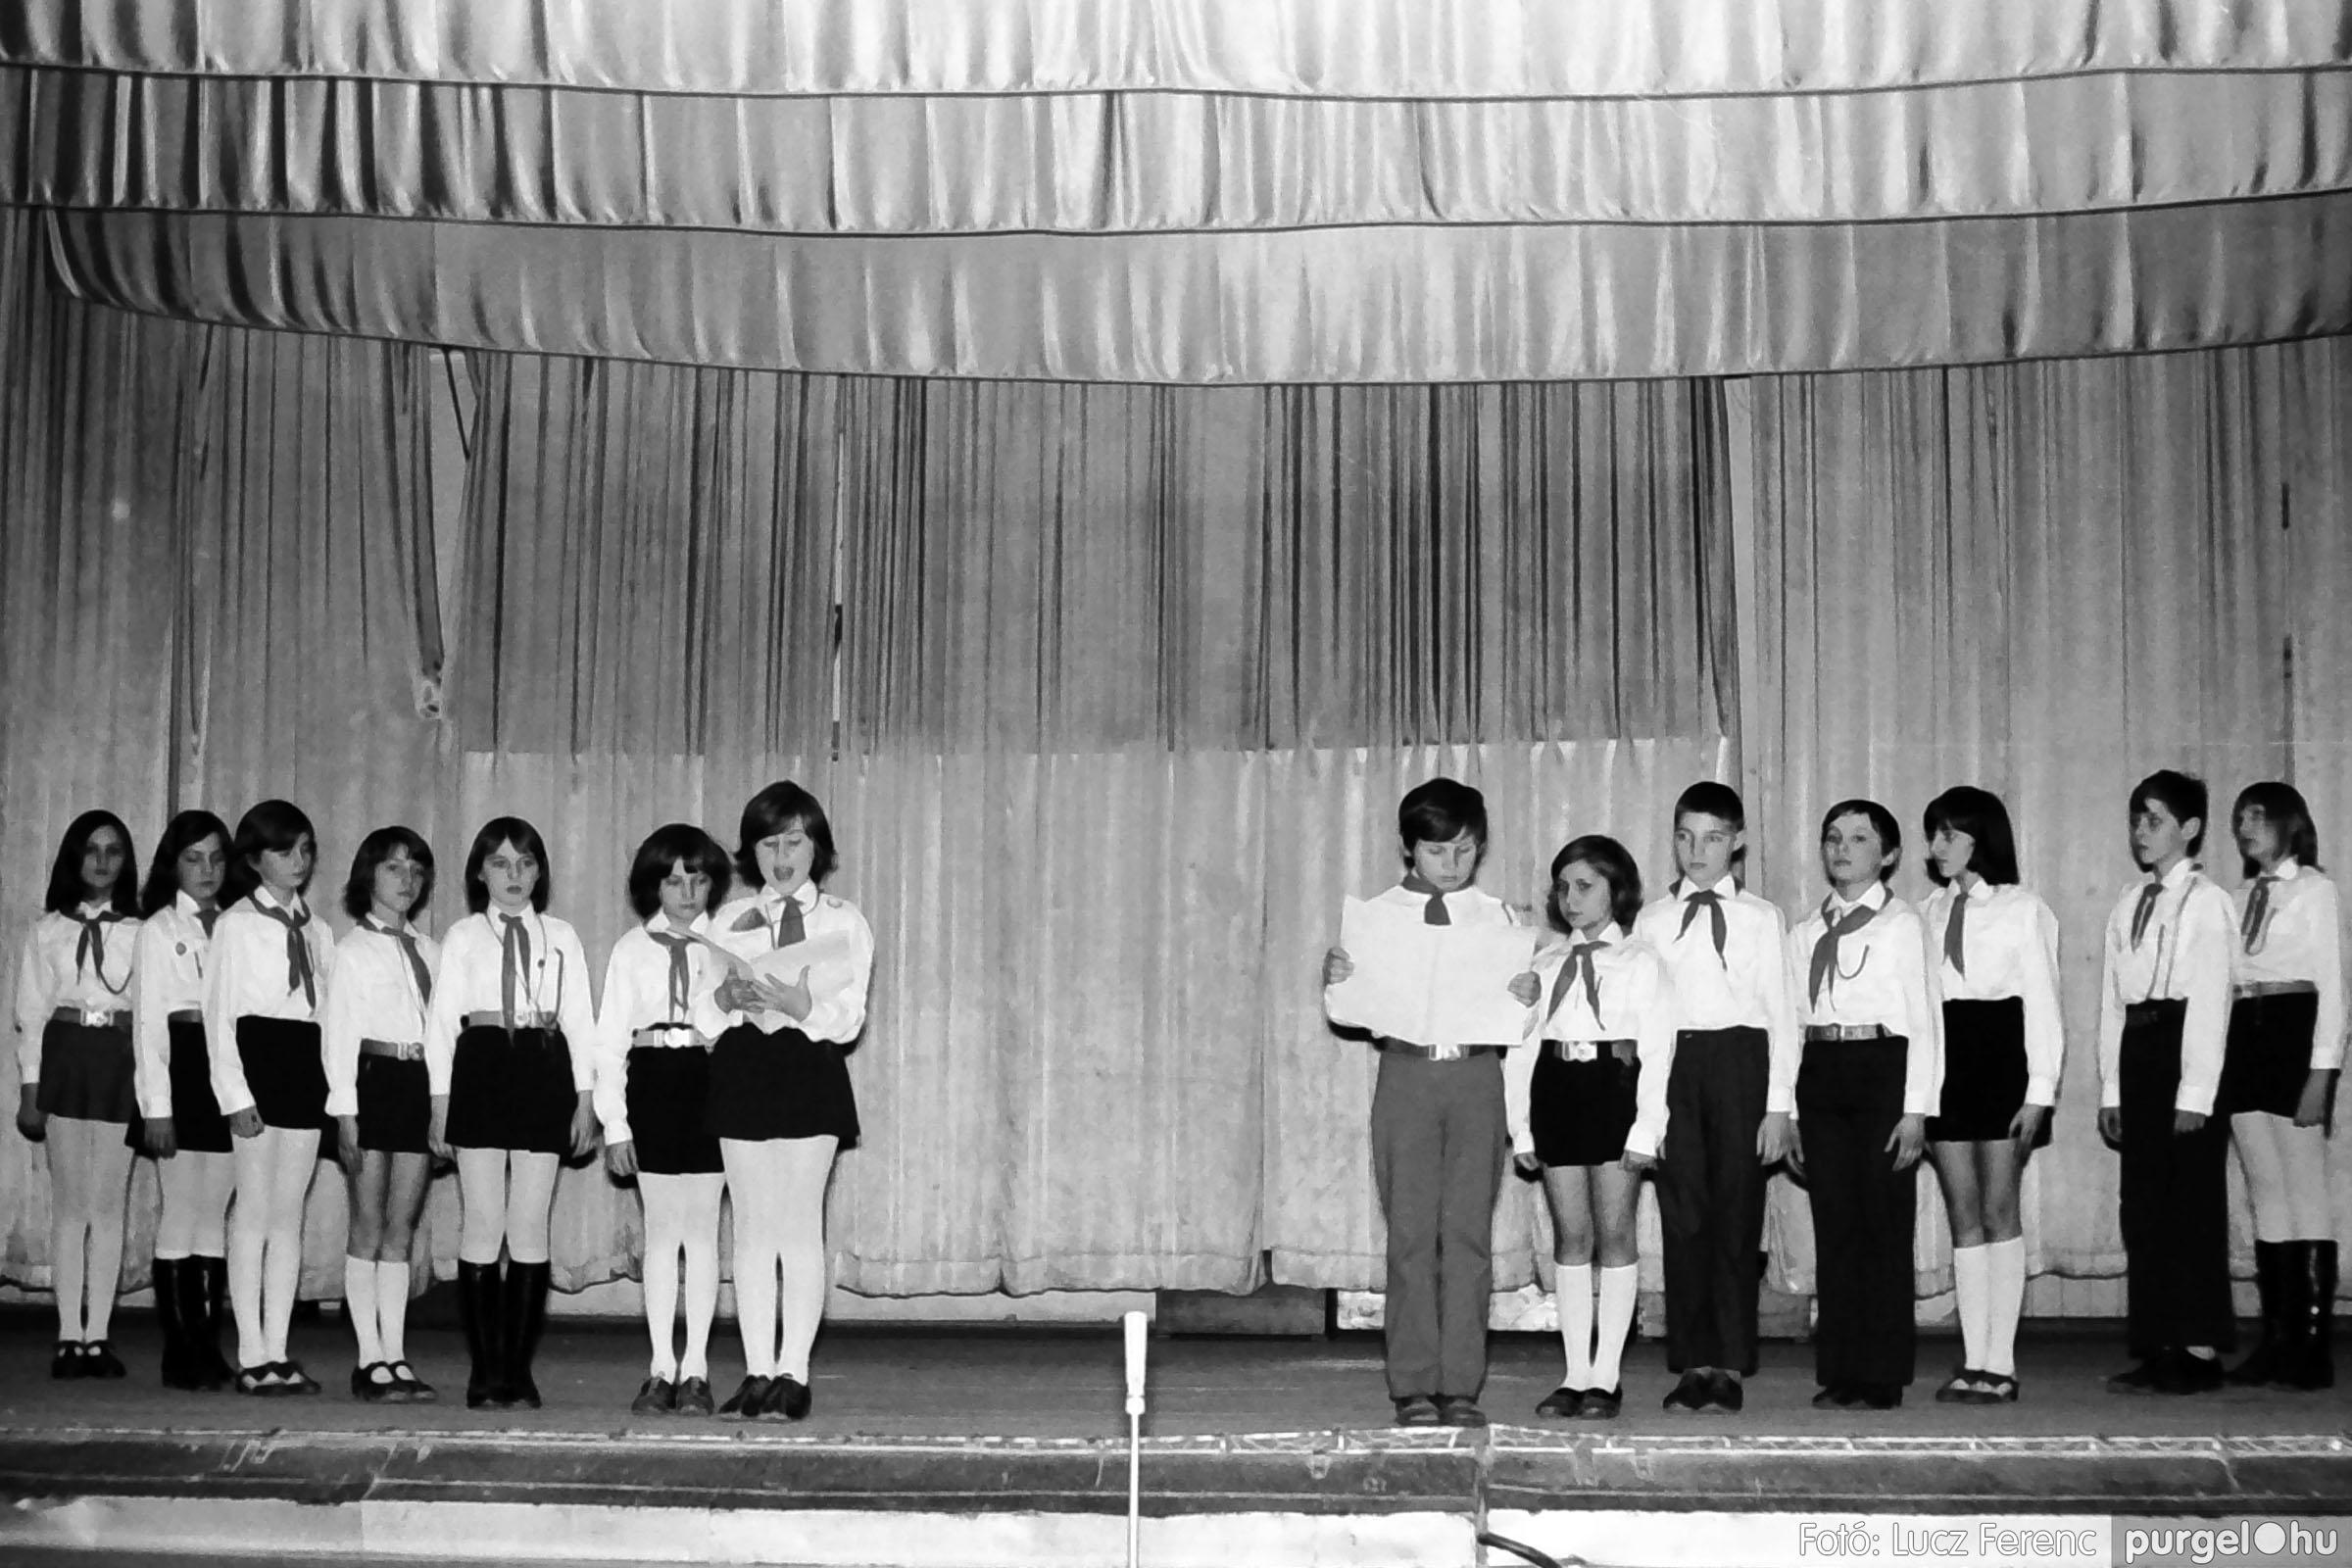 033. 1976. Diákrendezvény a kultúrházban 013 - Fotó: Lucz Ferenc.jpg